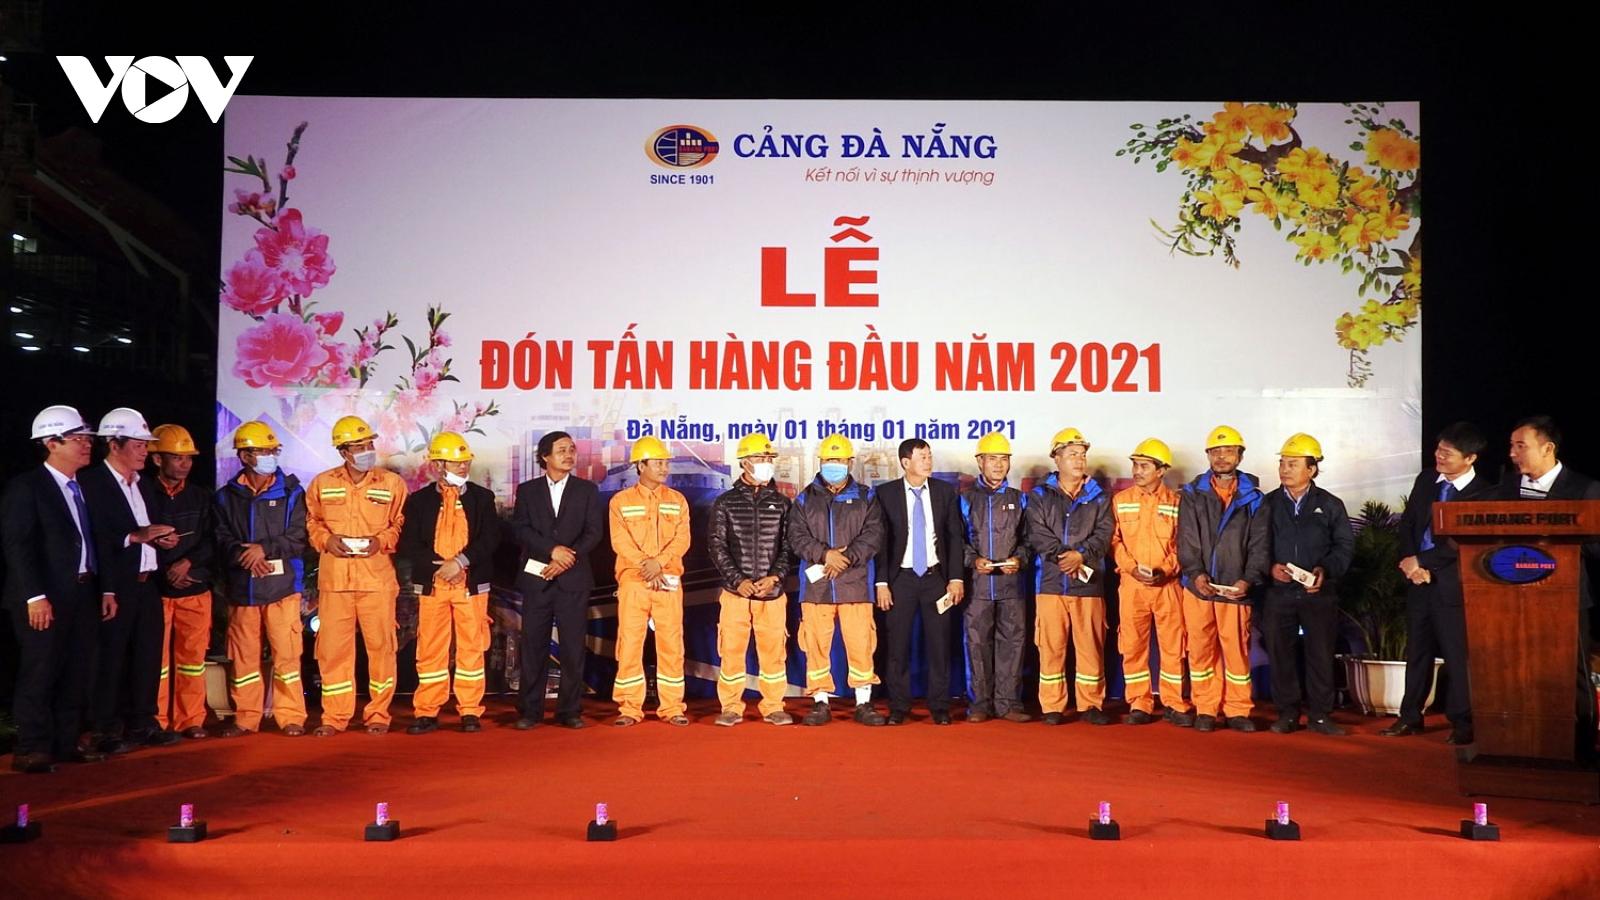 Đà Nẵng đón tấn hàng đầu tiên năm 2021